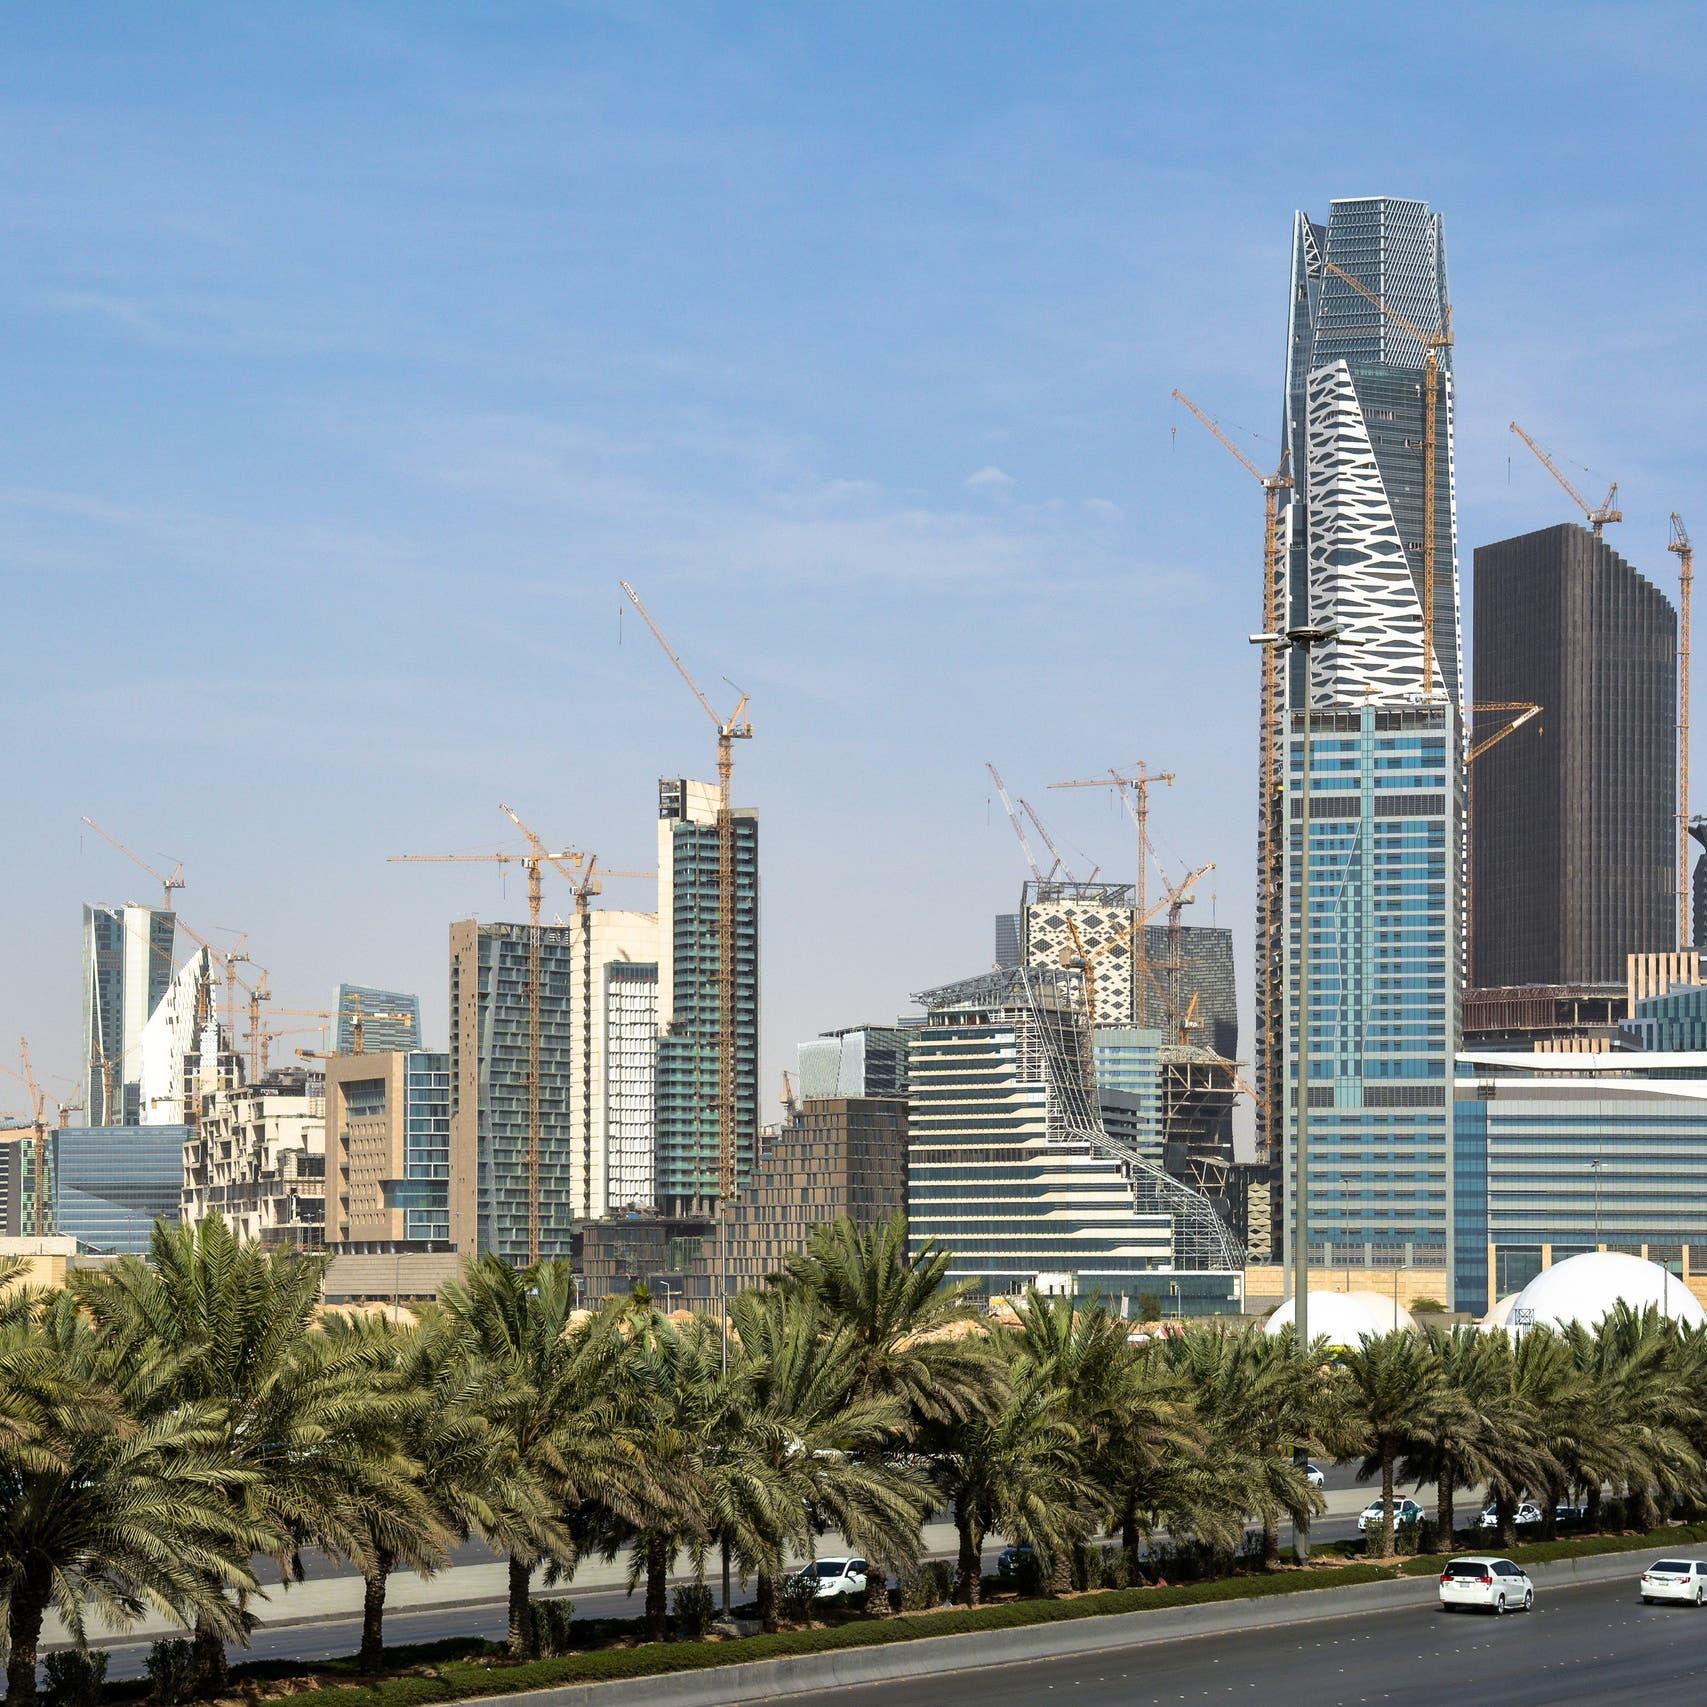 السعودية الأولى عربيًا والــ 22 عالميًا في المؤشر العالمي للذكاء الاصطناعي